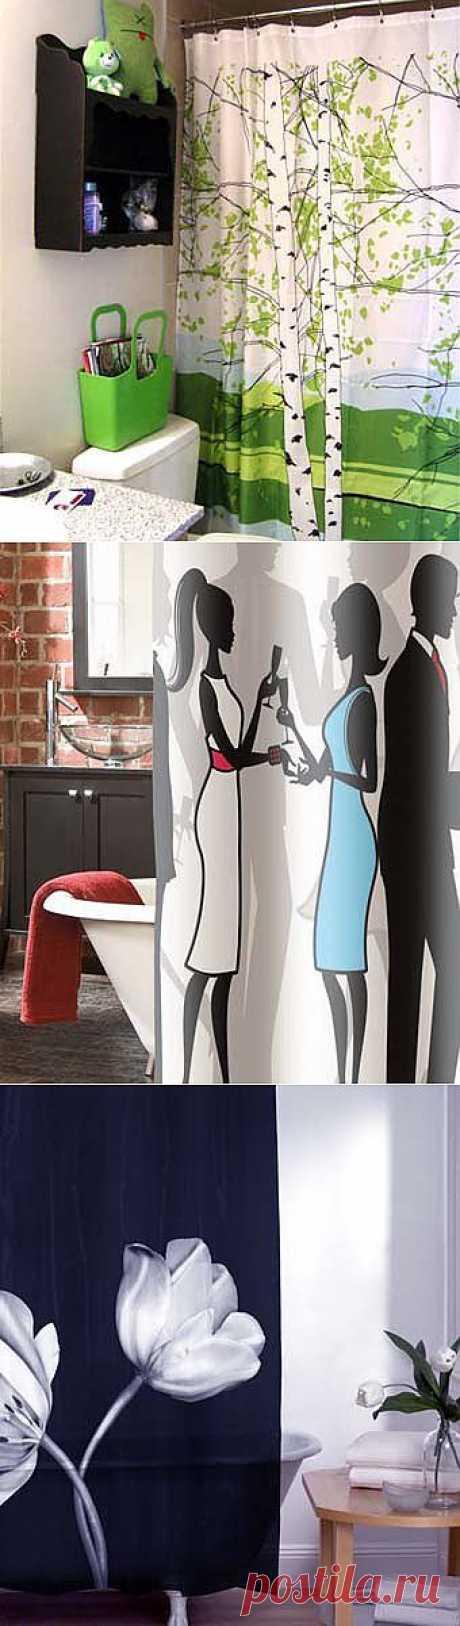 Модные занавески для ванной комнаты - Учимся Делать Все Сами